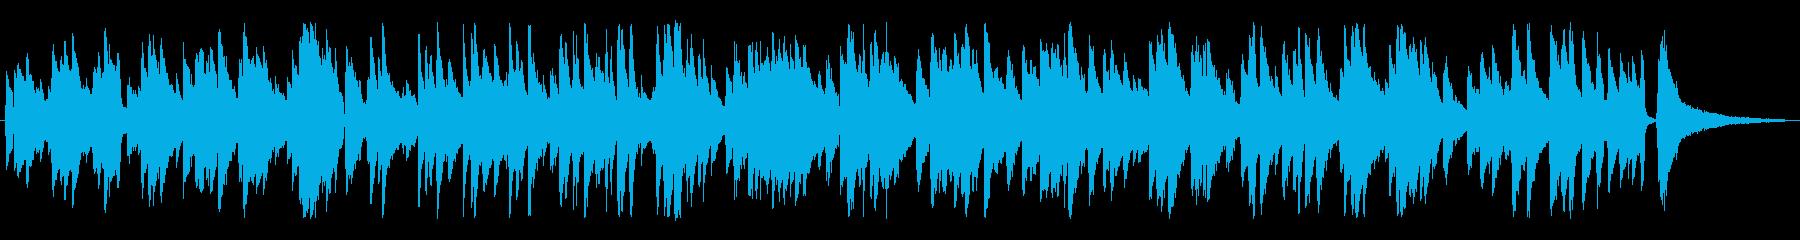 クリスマス/ジャズ風ラウンジピアノソロの再生済みの波形